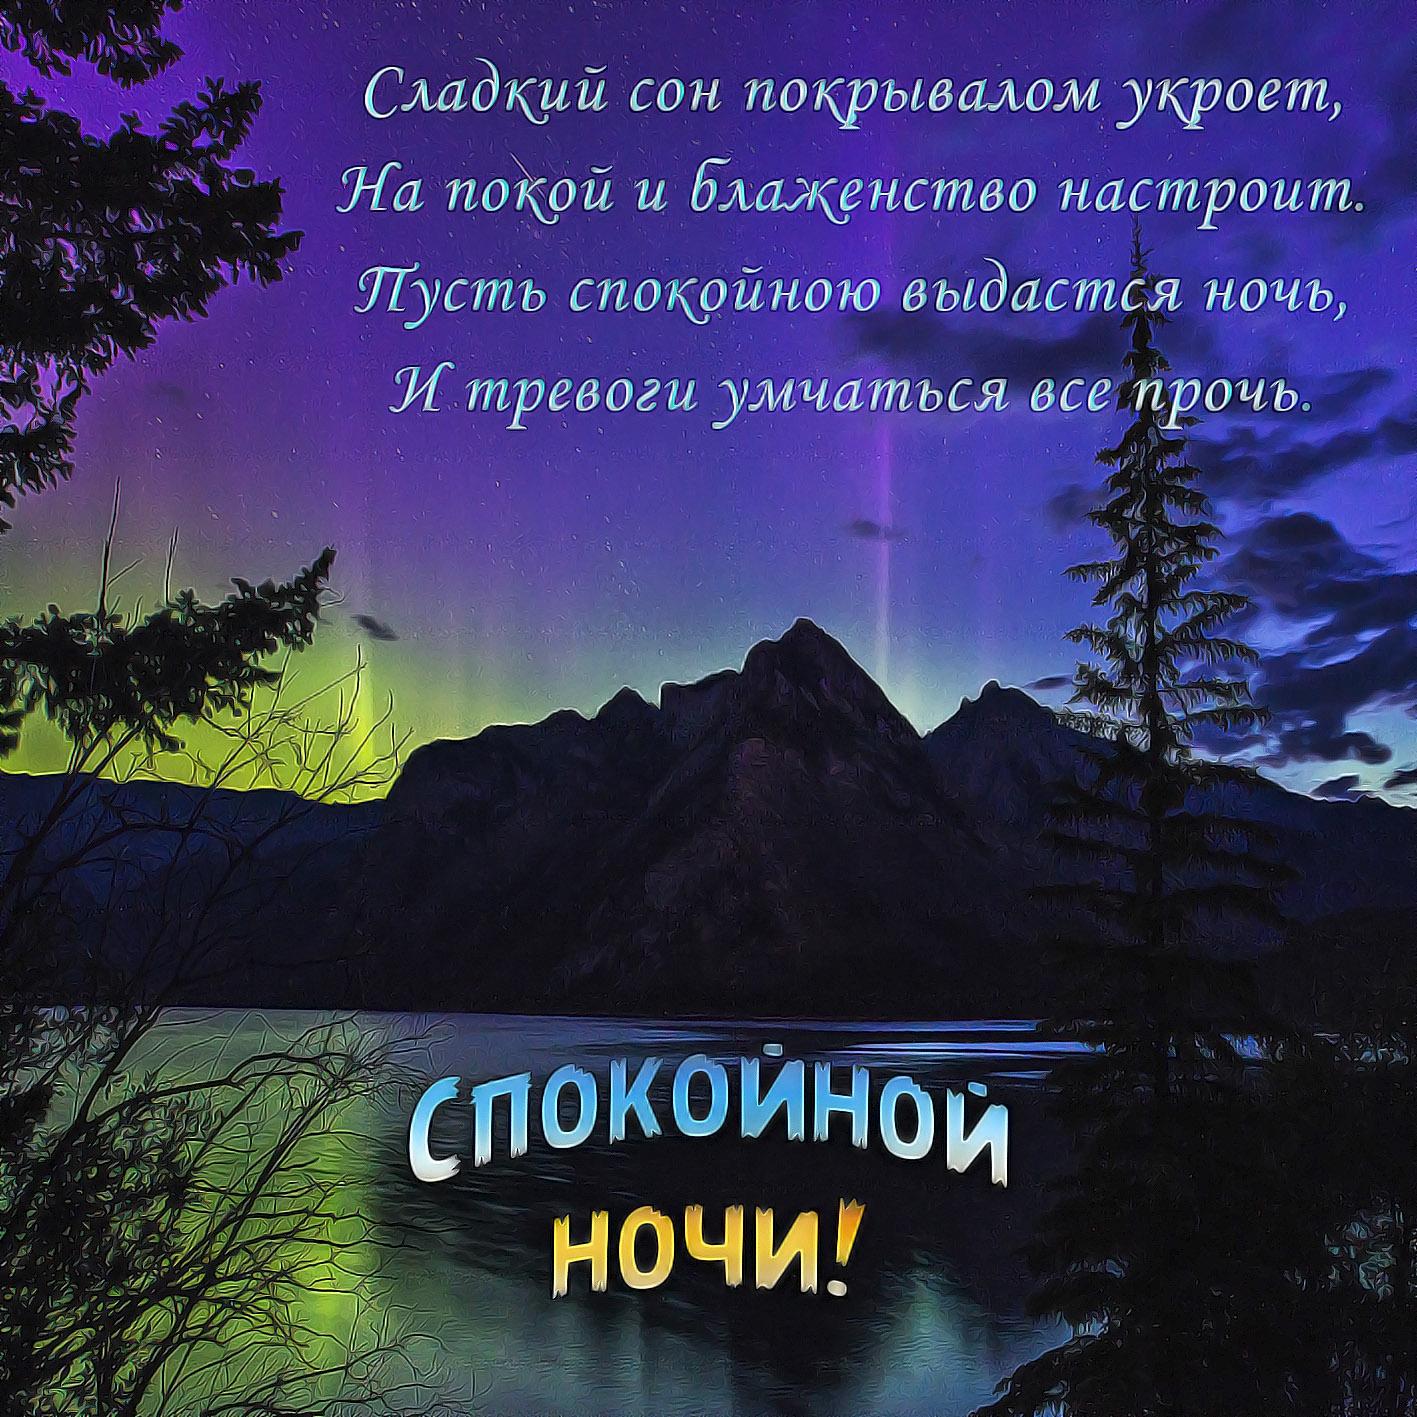 Ночь в картинках со словами